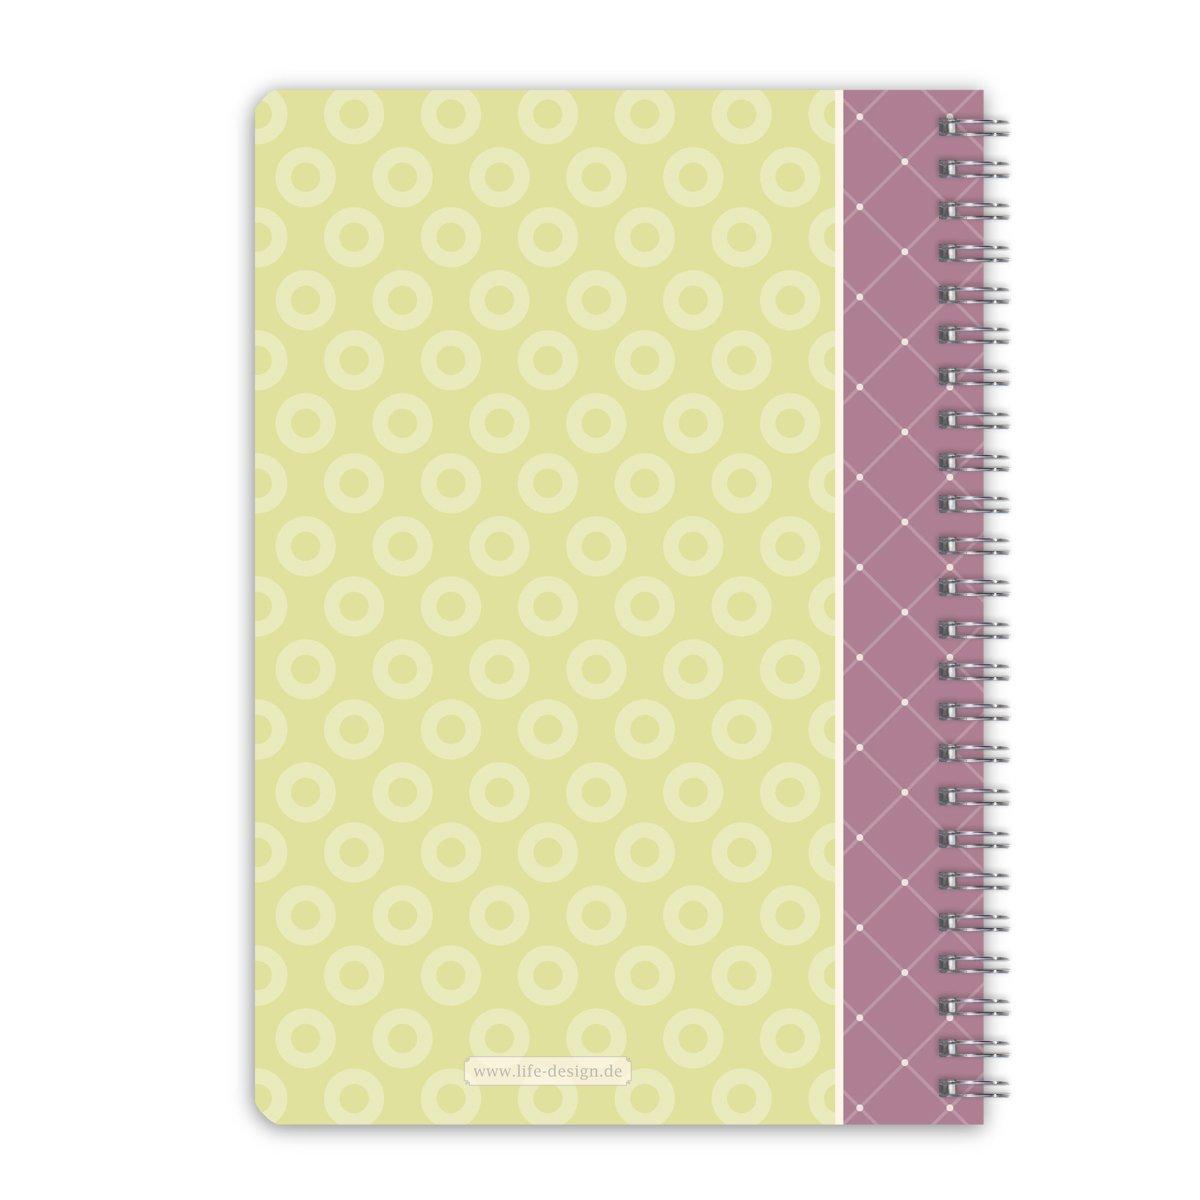 2 x LifeDesign Notizbuch A5 Notizheft Spiralbuch Sumatra 120 Seiten creme liniert Softcover FSC